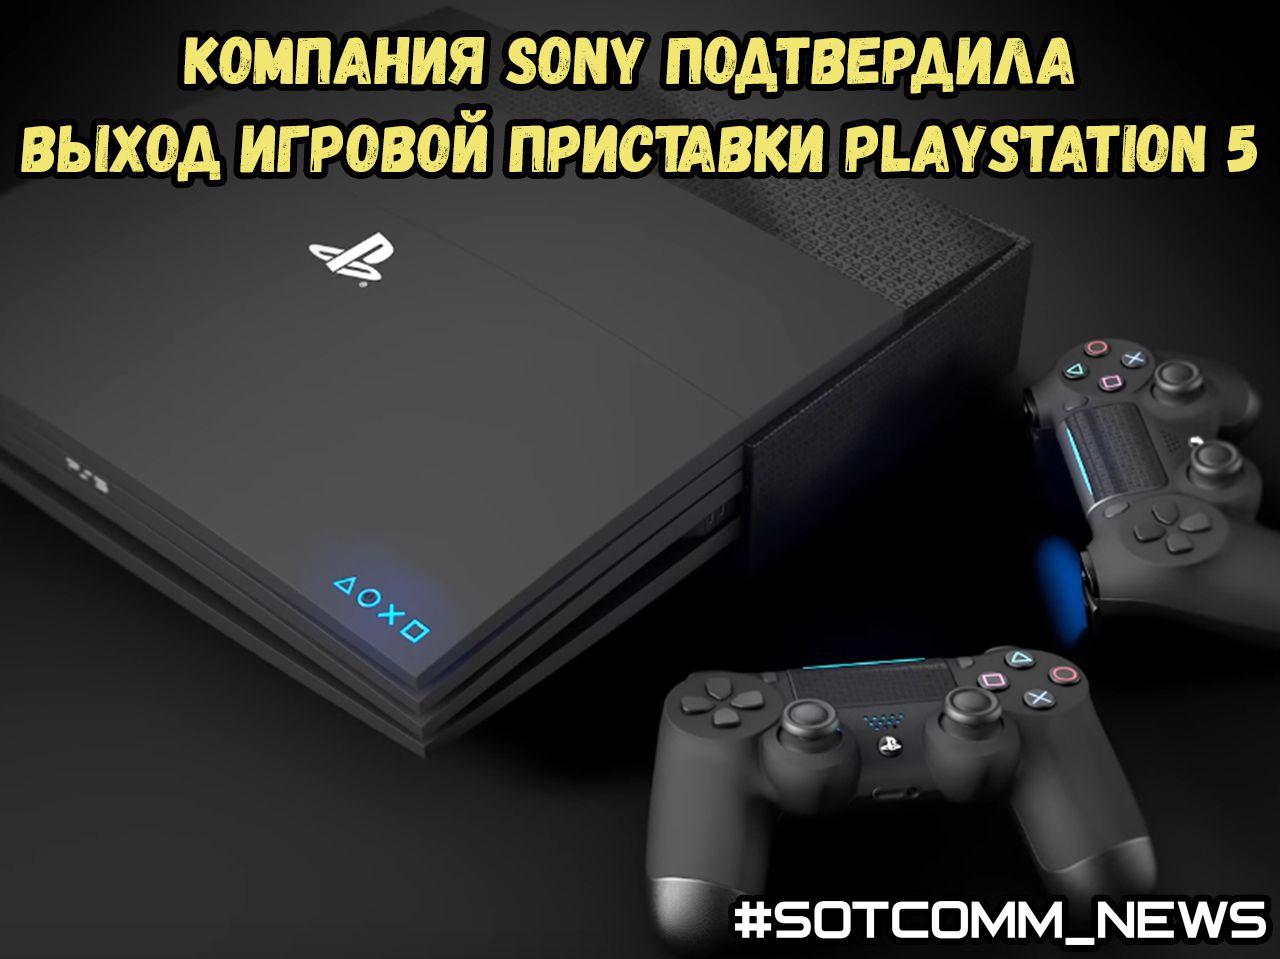 Компания Sony подтвердила выход игровой приставки Playstation 5